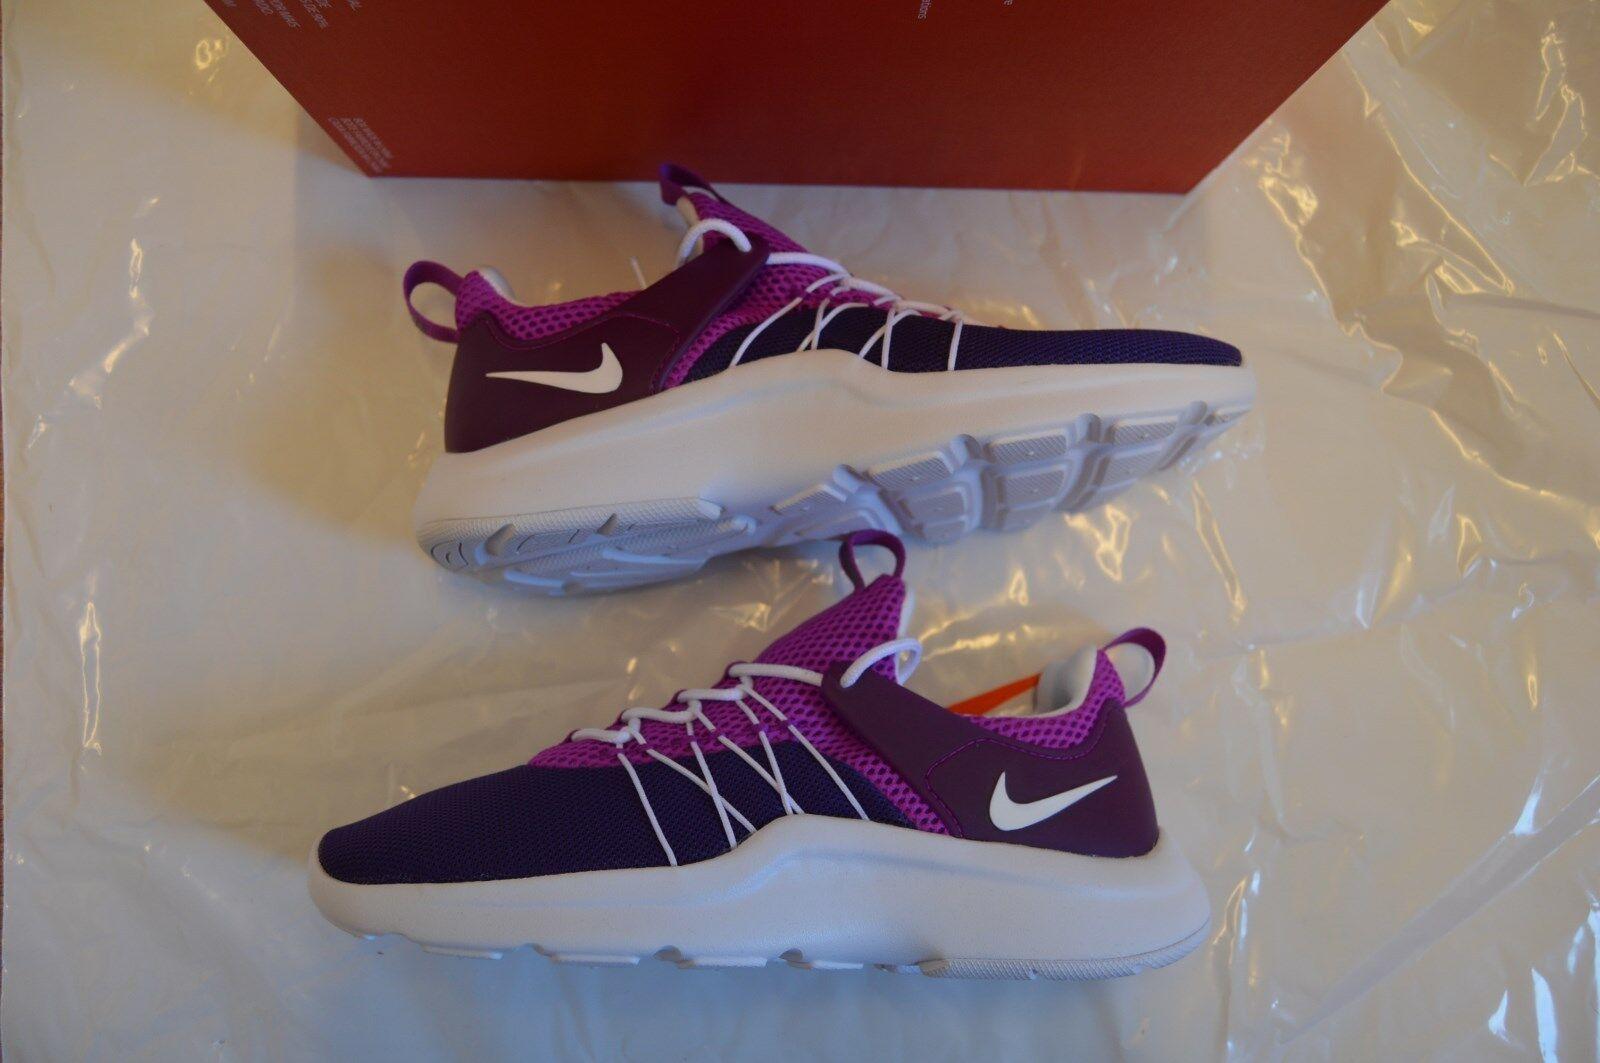 bnib  femmes Nike Darwin purple/ blanc  bnib /violet trainers Taille4.5 gris 23af73